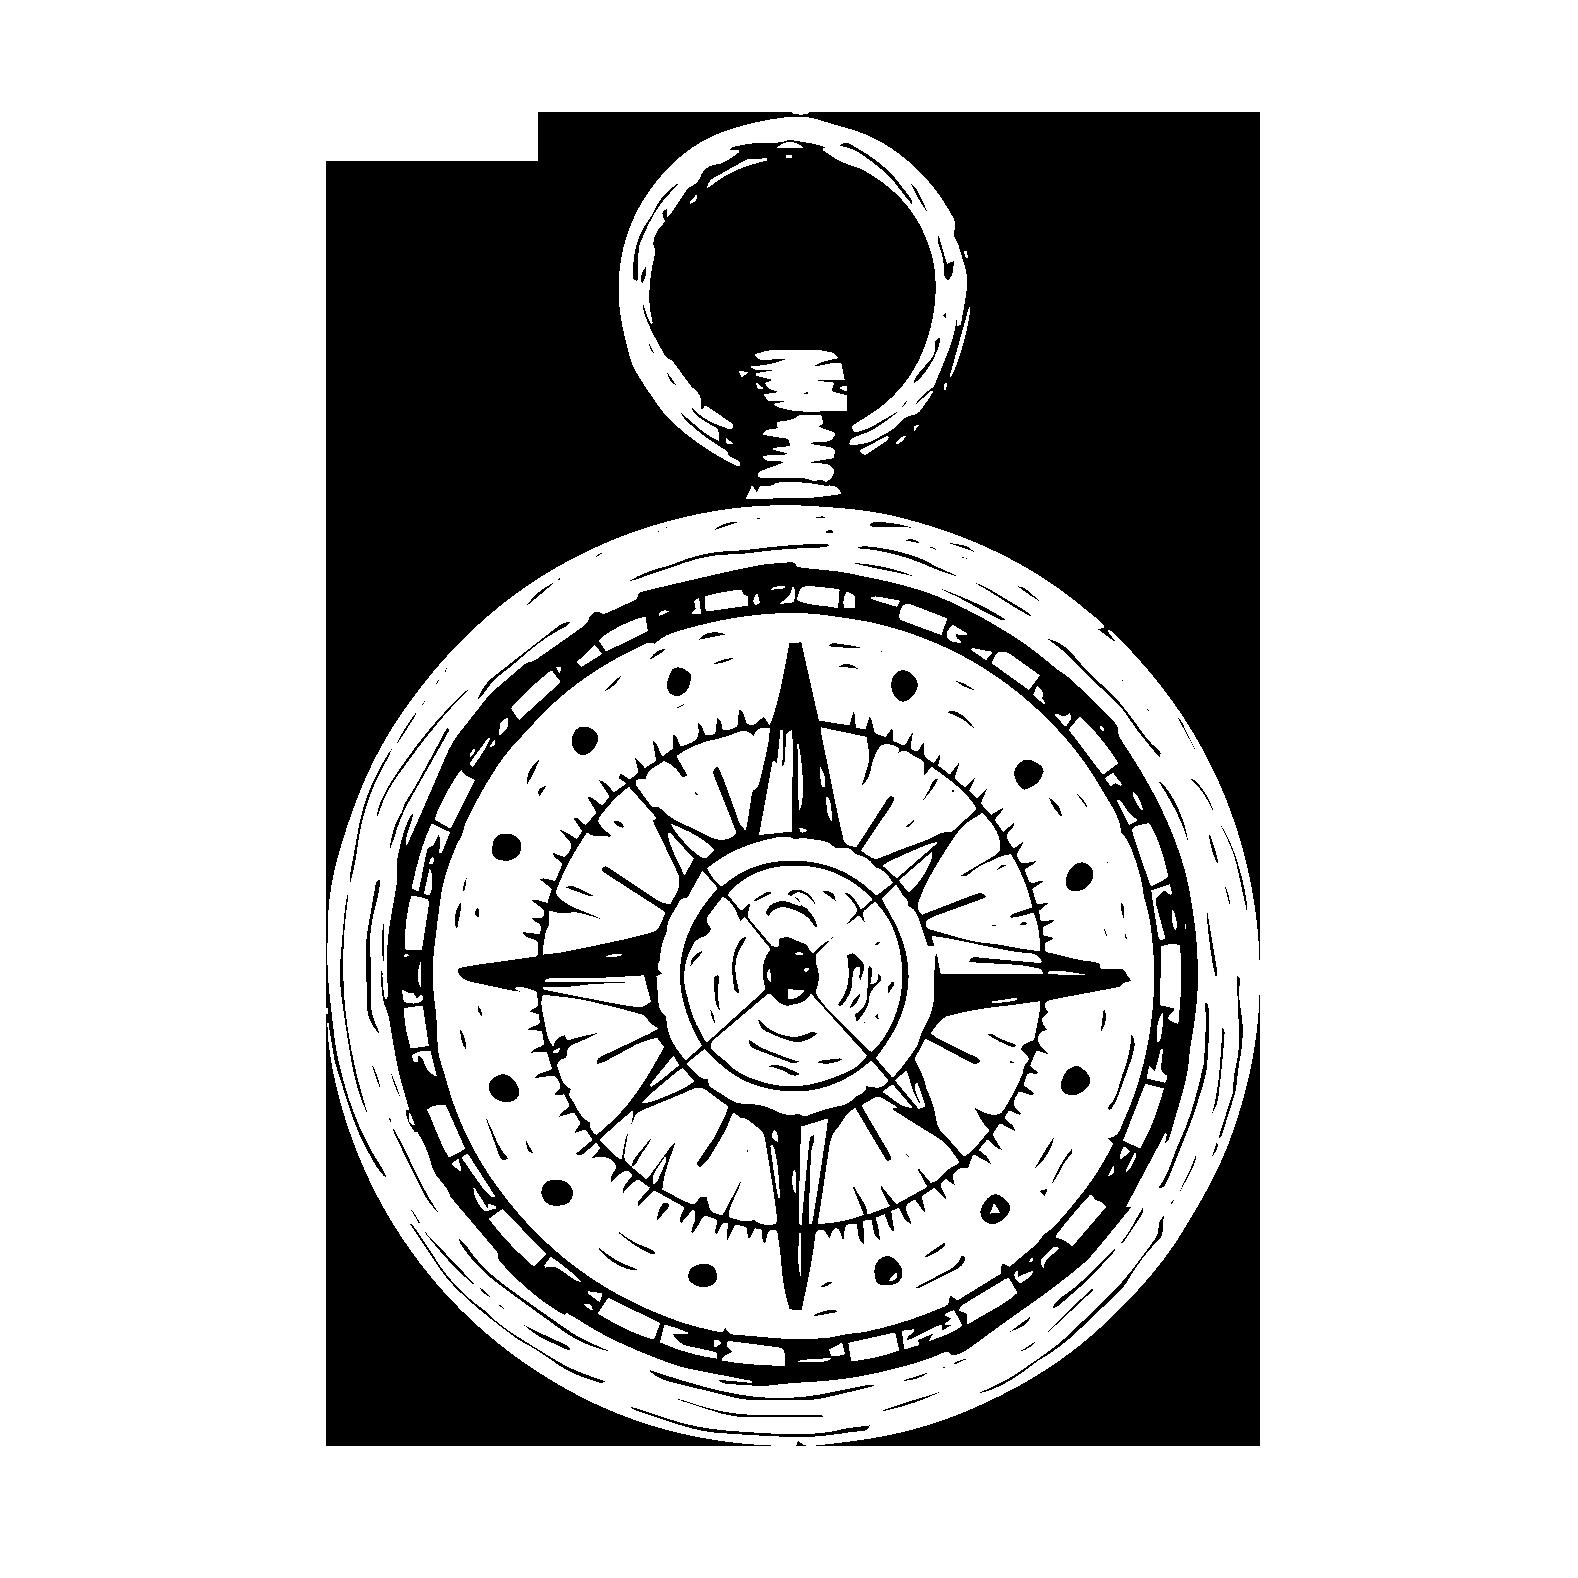 Kompas auf transparentem Hintergrund